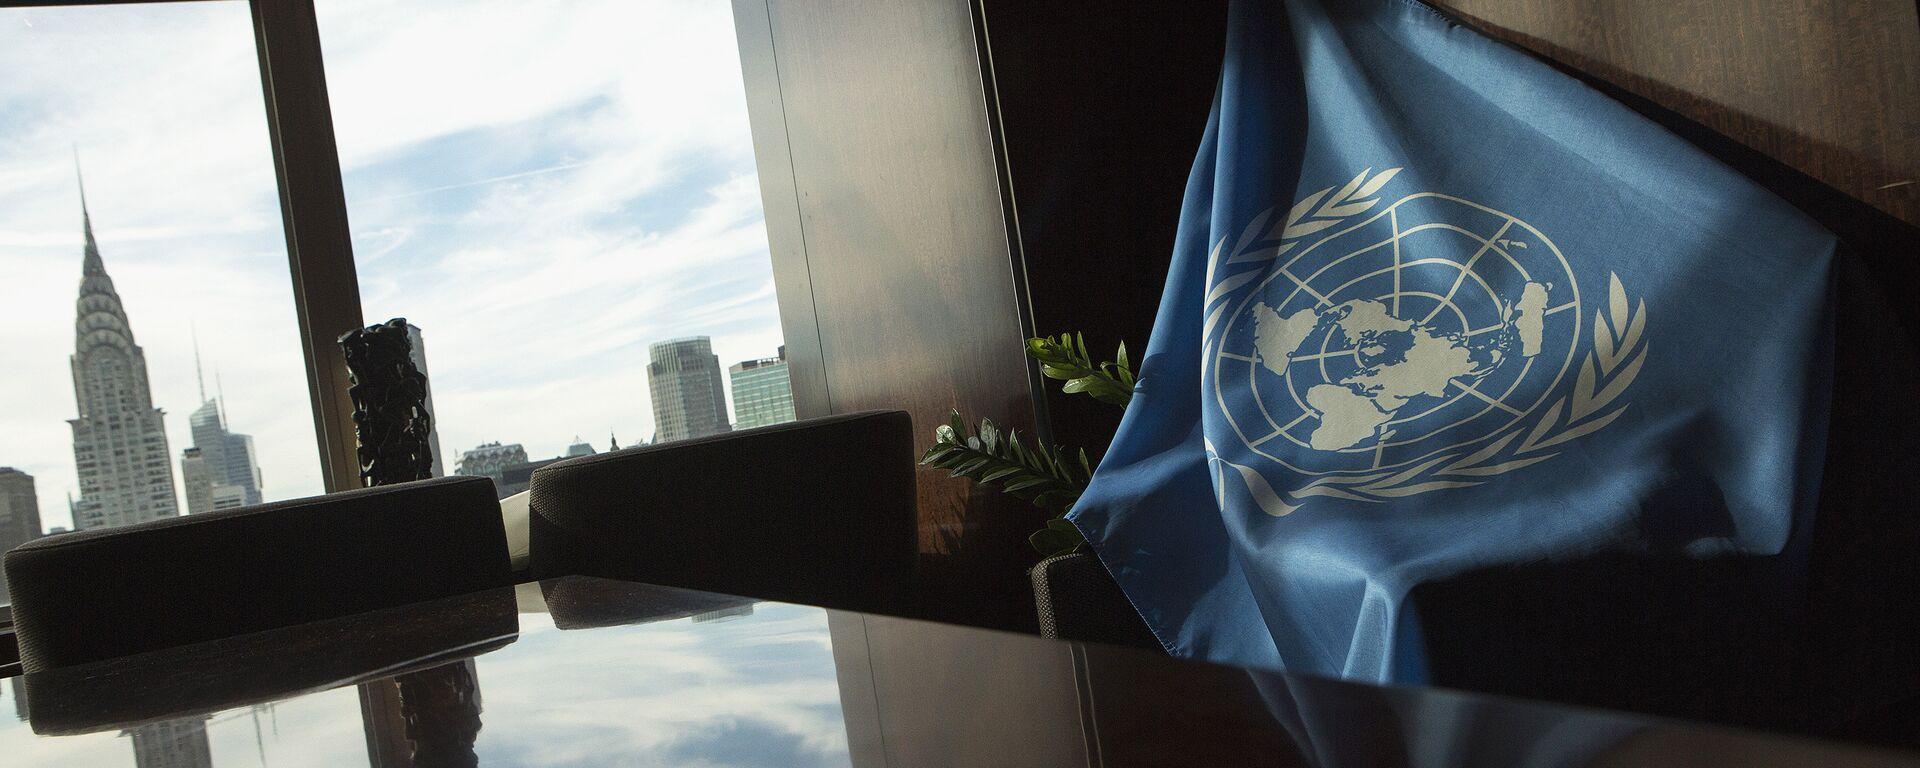 La bandera de la ONU en la sede de la entidad en Nueva York (archivo) - Sputnik Mundo, 1920, 19.10.2020